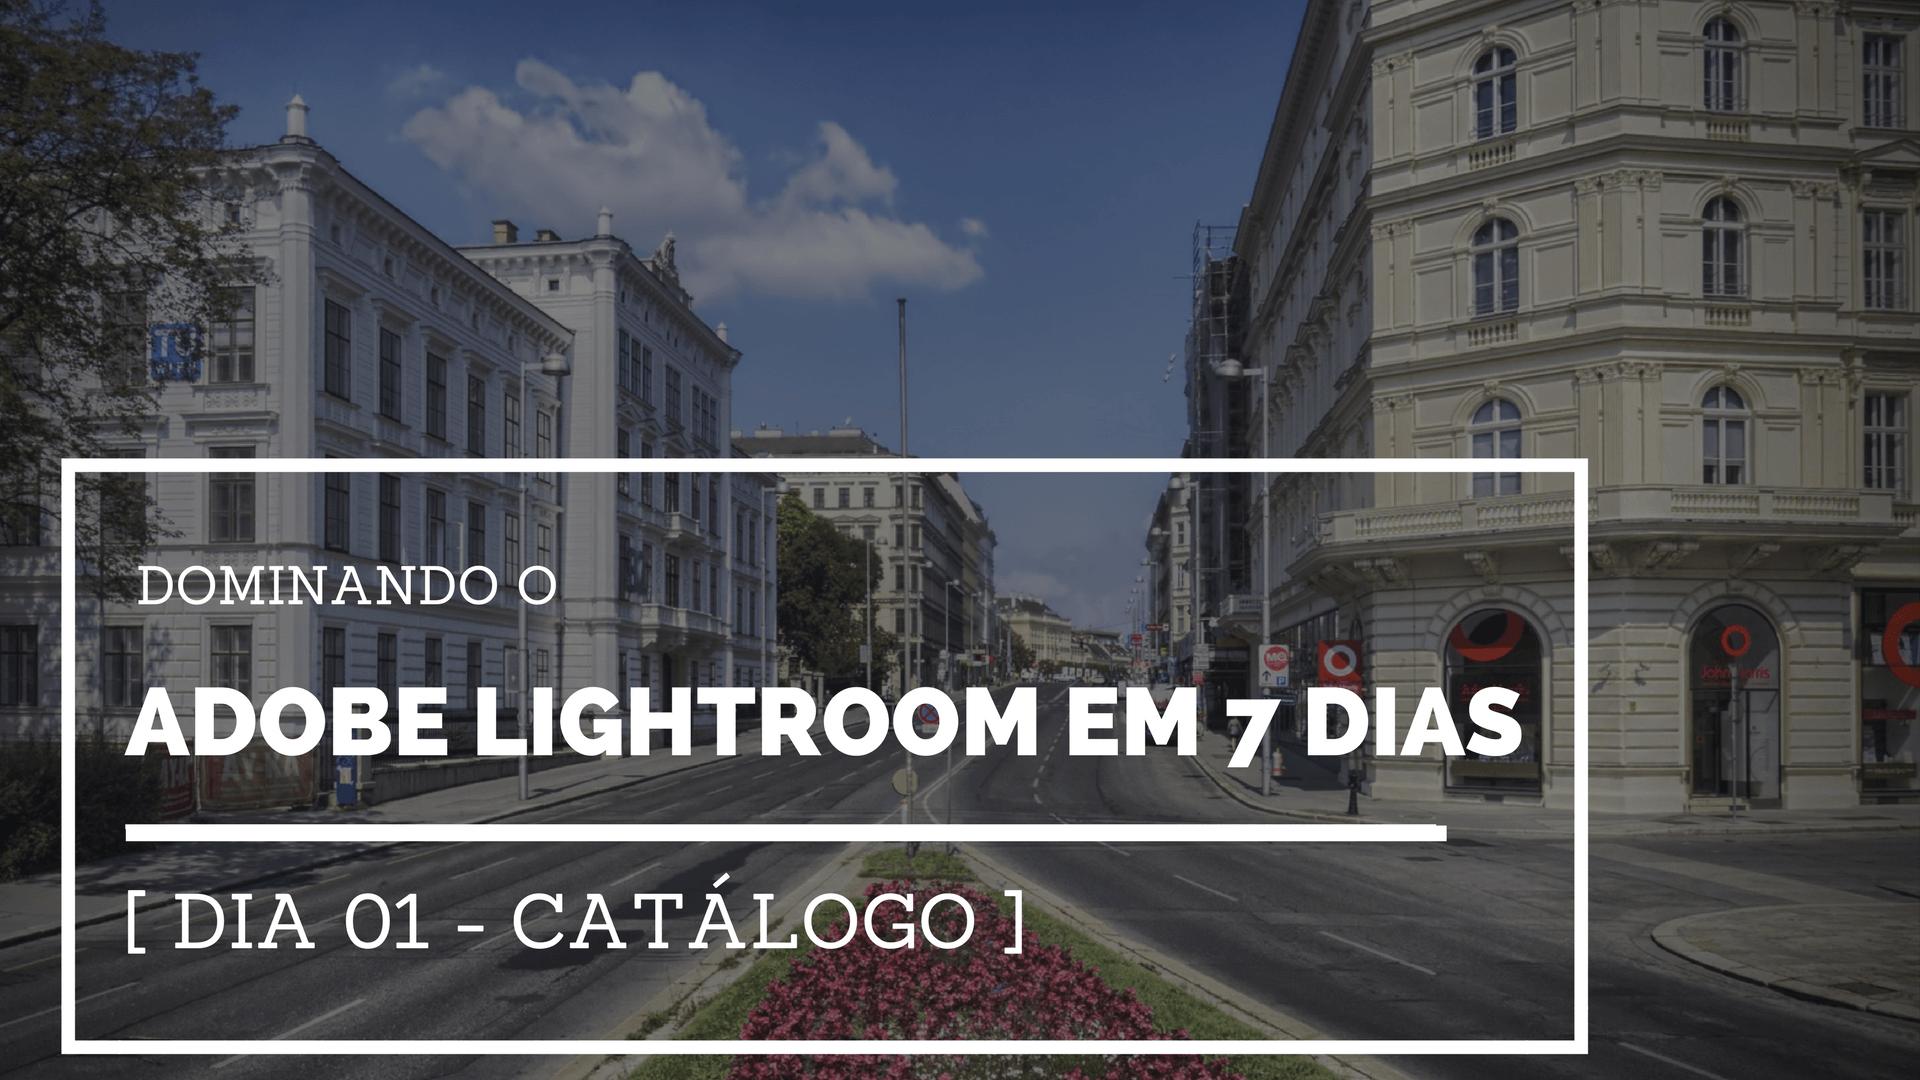 Dominando o Adobe Lightroom em 7 dias [ Dia 01 - Catálogo ]